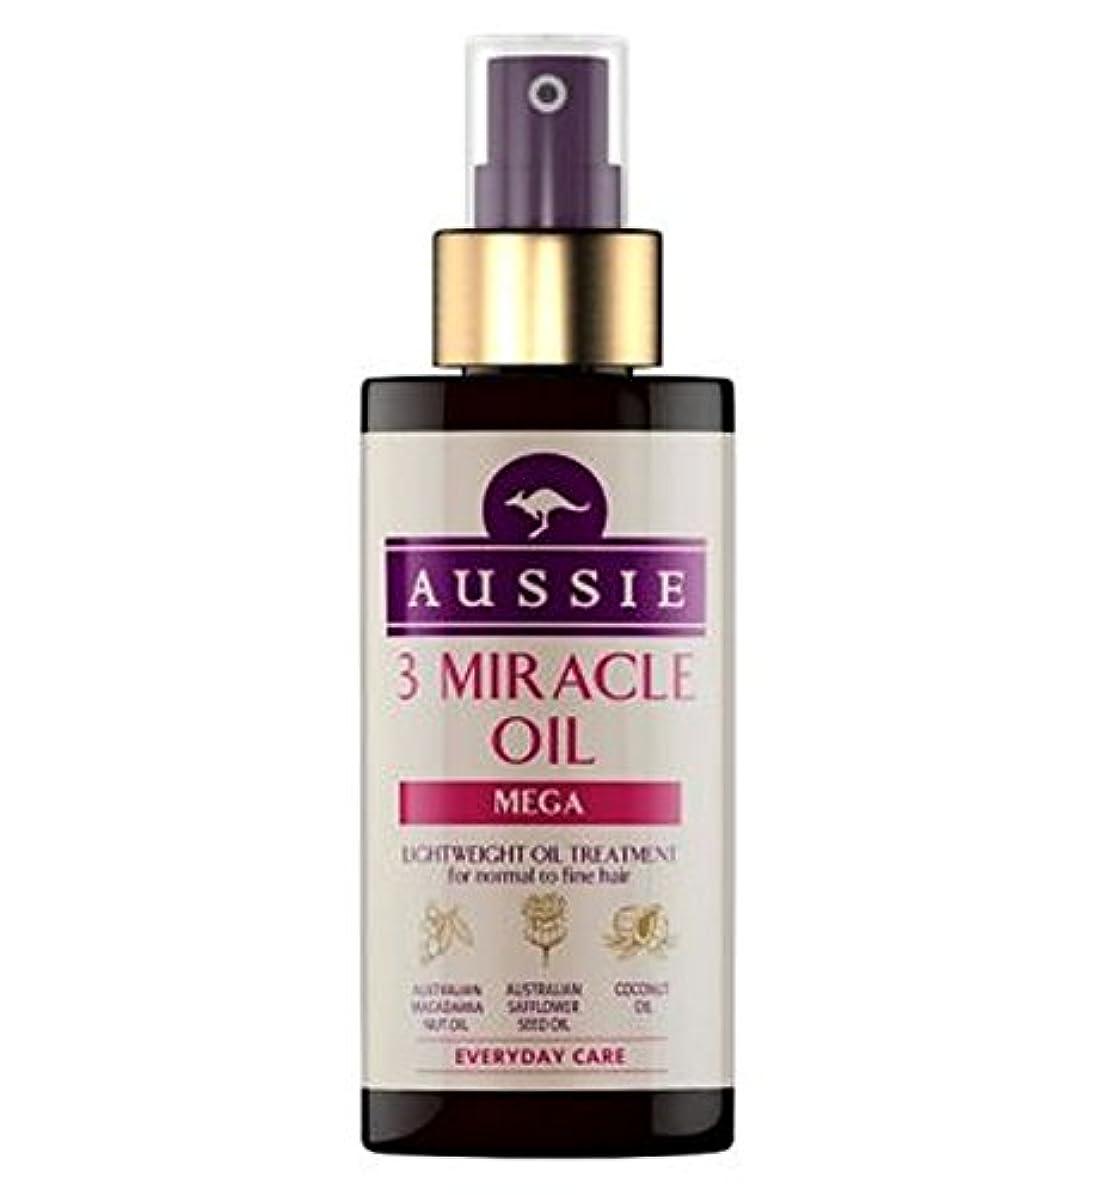 軸経験制限細い髪の100ミリリットルに、通常のためのオージー3奇跡のオイルメガ (Aussie) (x2) - Aussie 3 Miracle Oil Mega for Normal to Fine Hair 100ml (Pack...